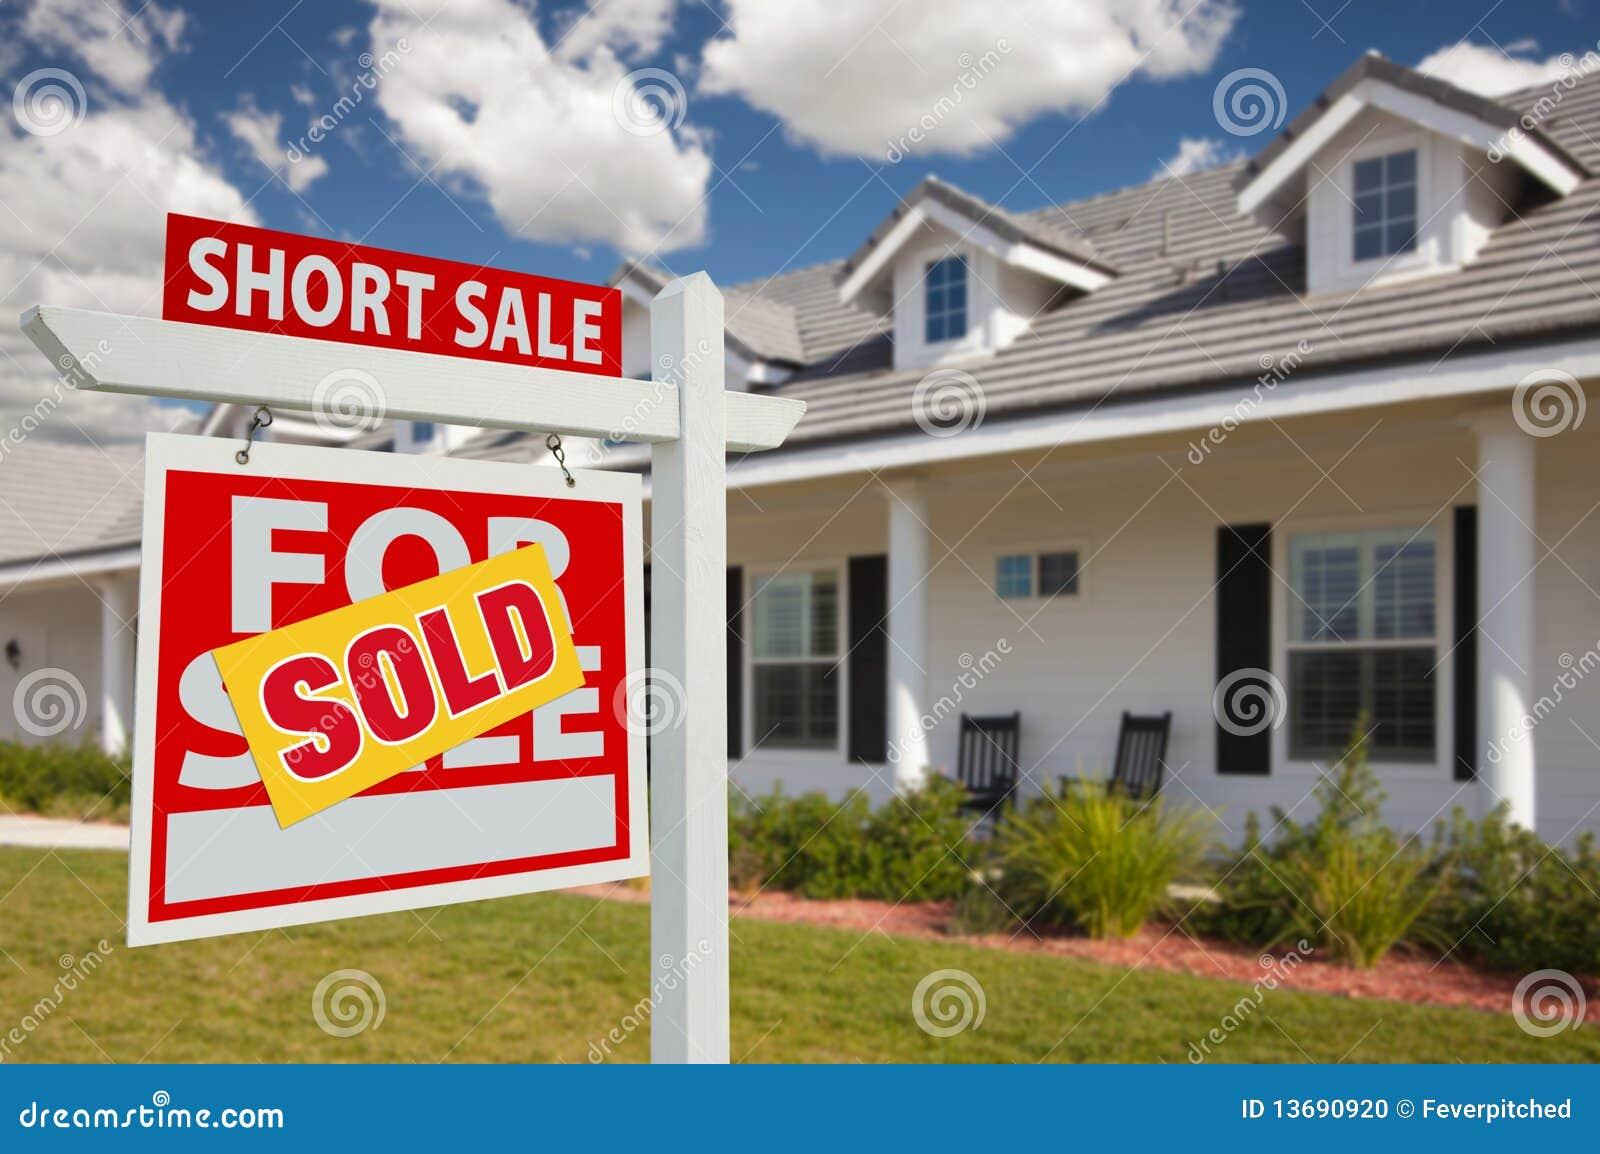 Sold short sale real estate sign and house left stock for Short sale websites for realtors